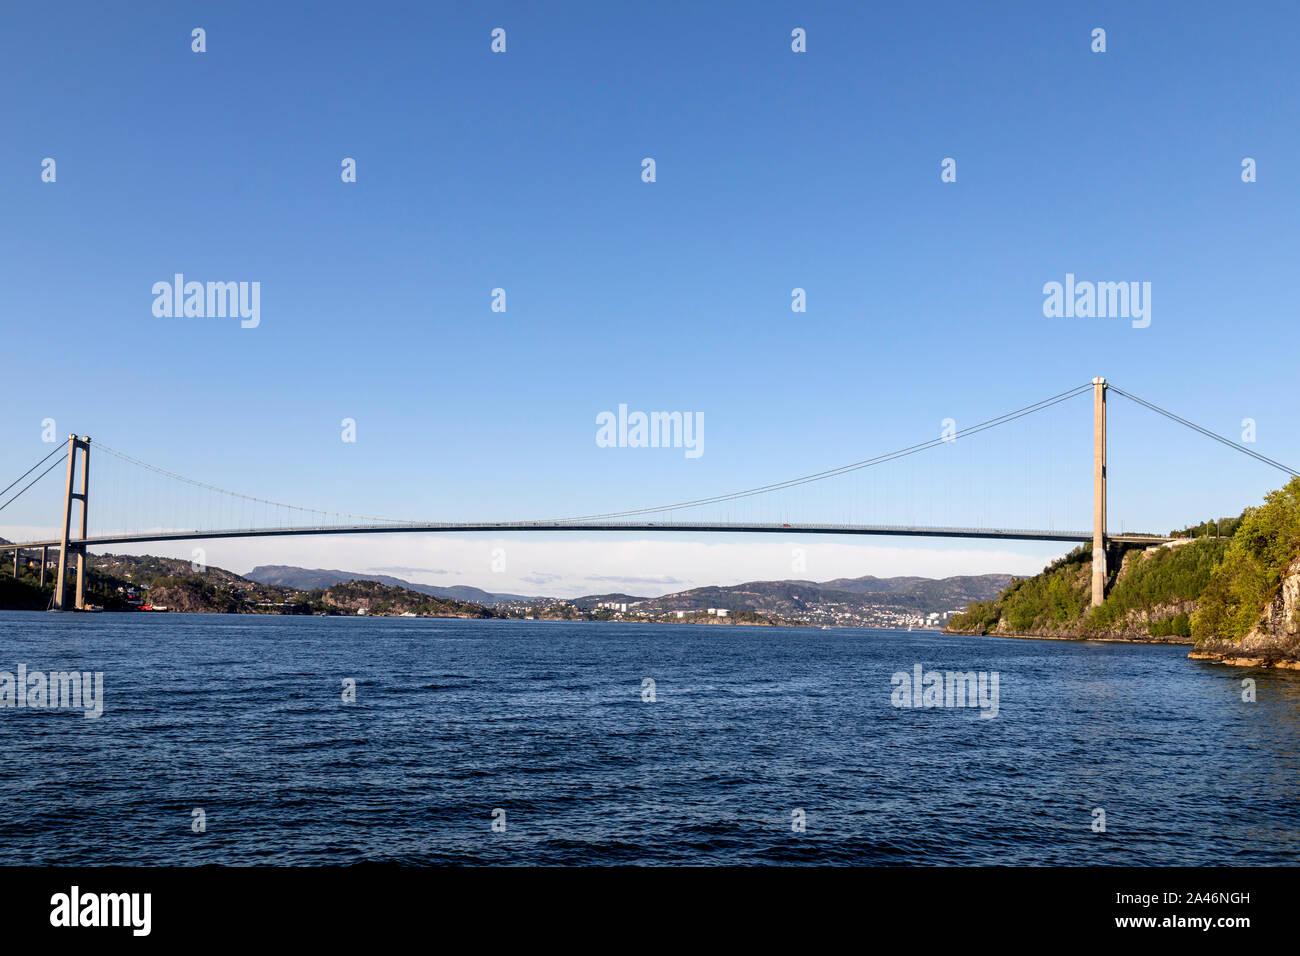 L'Askoy suspension bridge en dehors de Bergen, Norvège, qui relie le continent à l'Askøy island. Banque D'Images